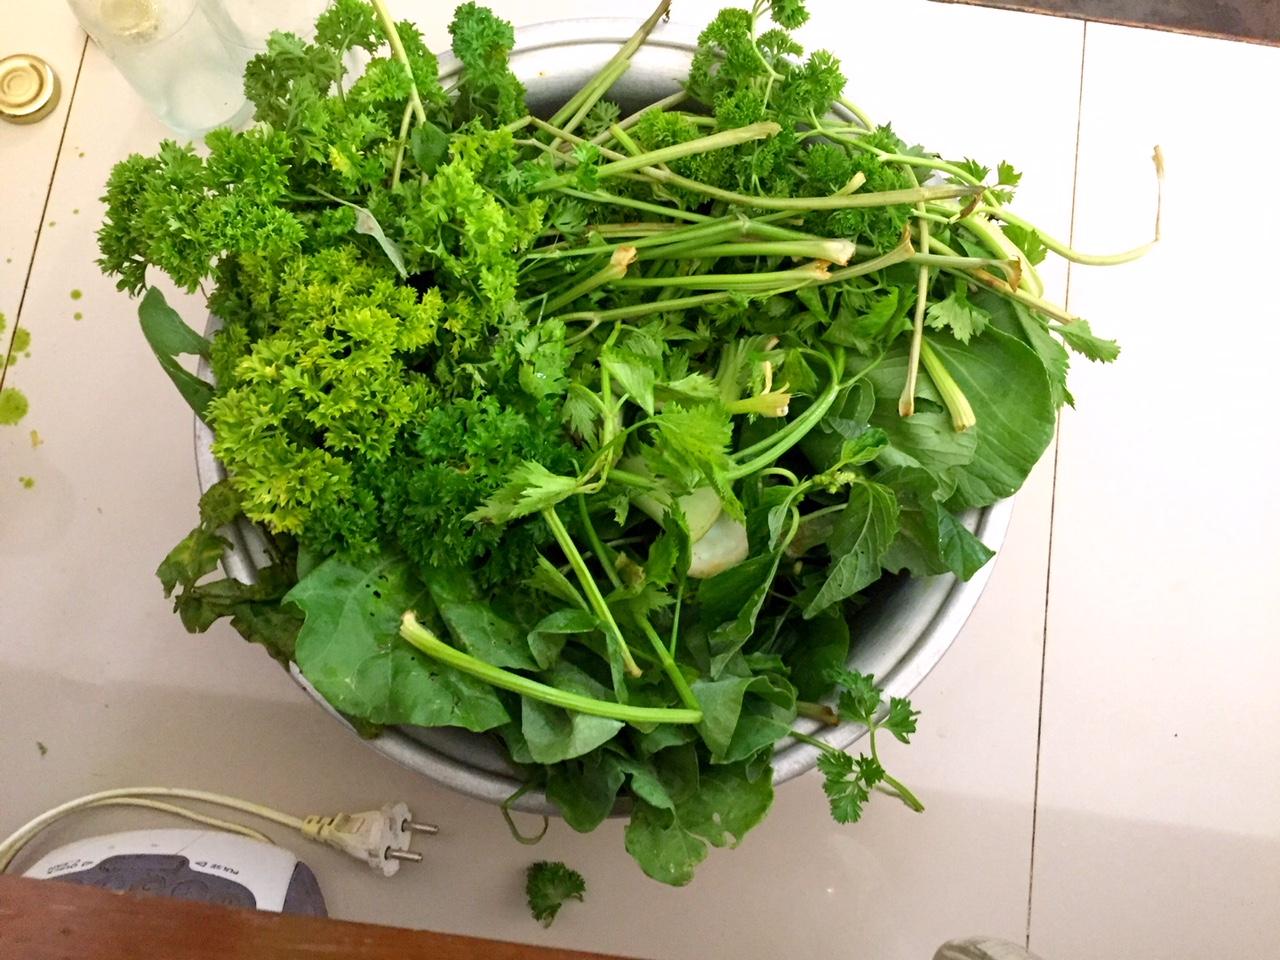 Zutaten für den grünen Saft.